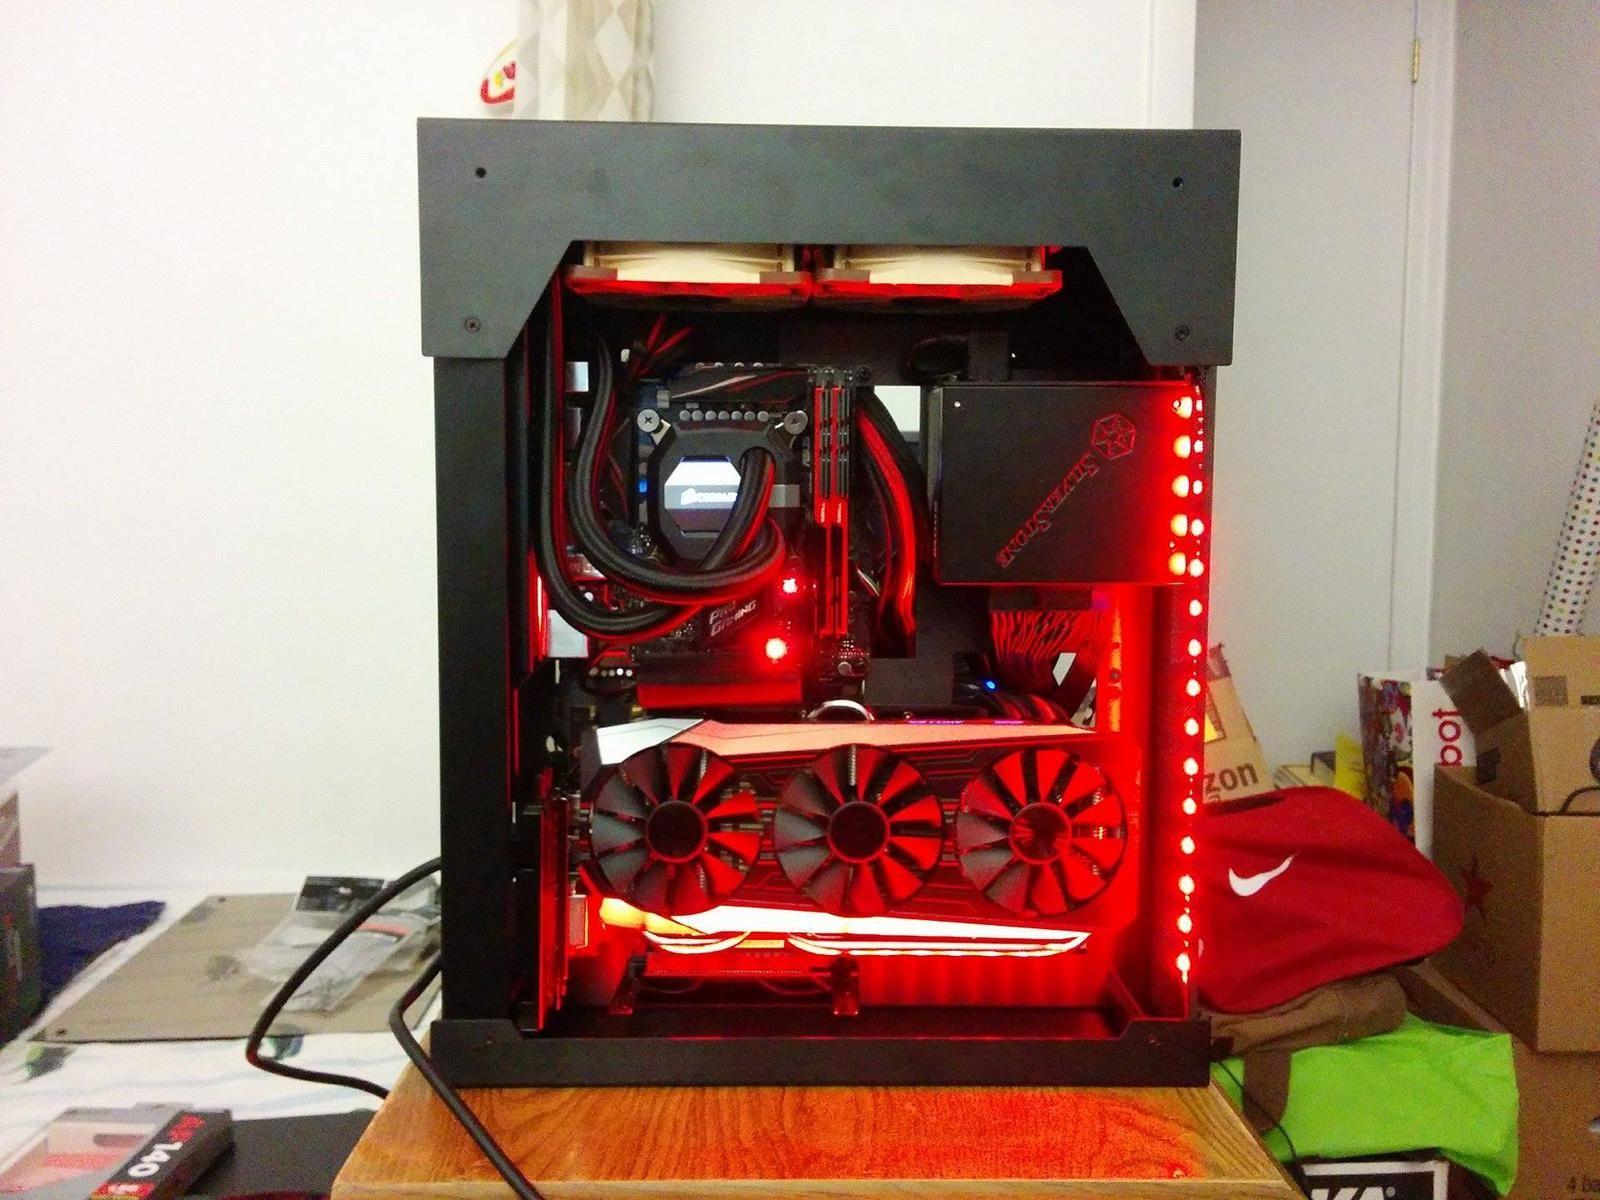 dannyx3123's Completed Build - Core i5-6600K 3.5GHz Quad-Core, GeForce GTX 980 Ti 6GB STRIX, PC-05SX HTPC - PCPartPicker